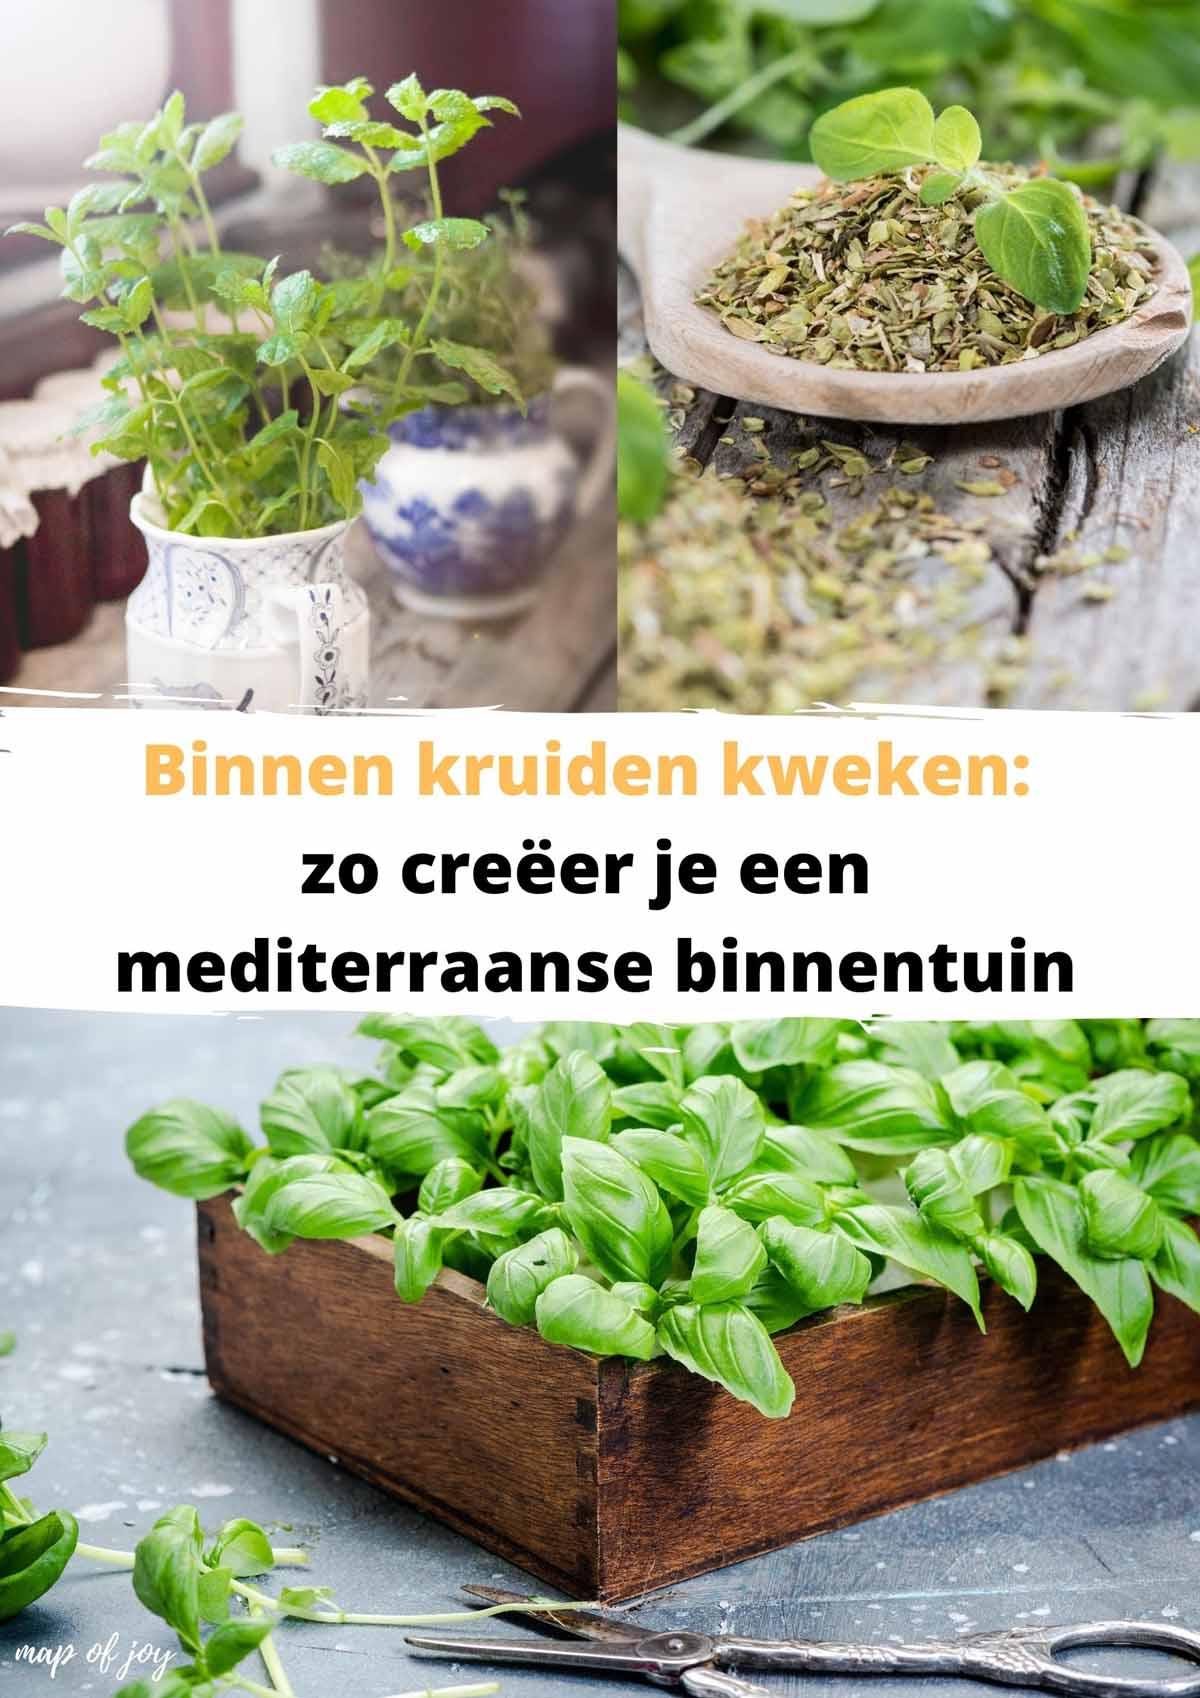 Binnen kruiden kweken: zo creëer je een mediterraanse binnentuin